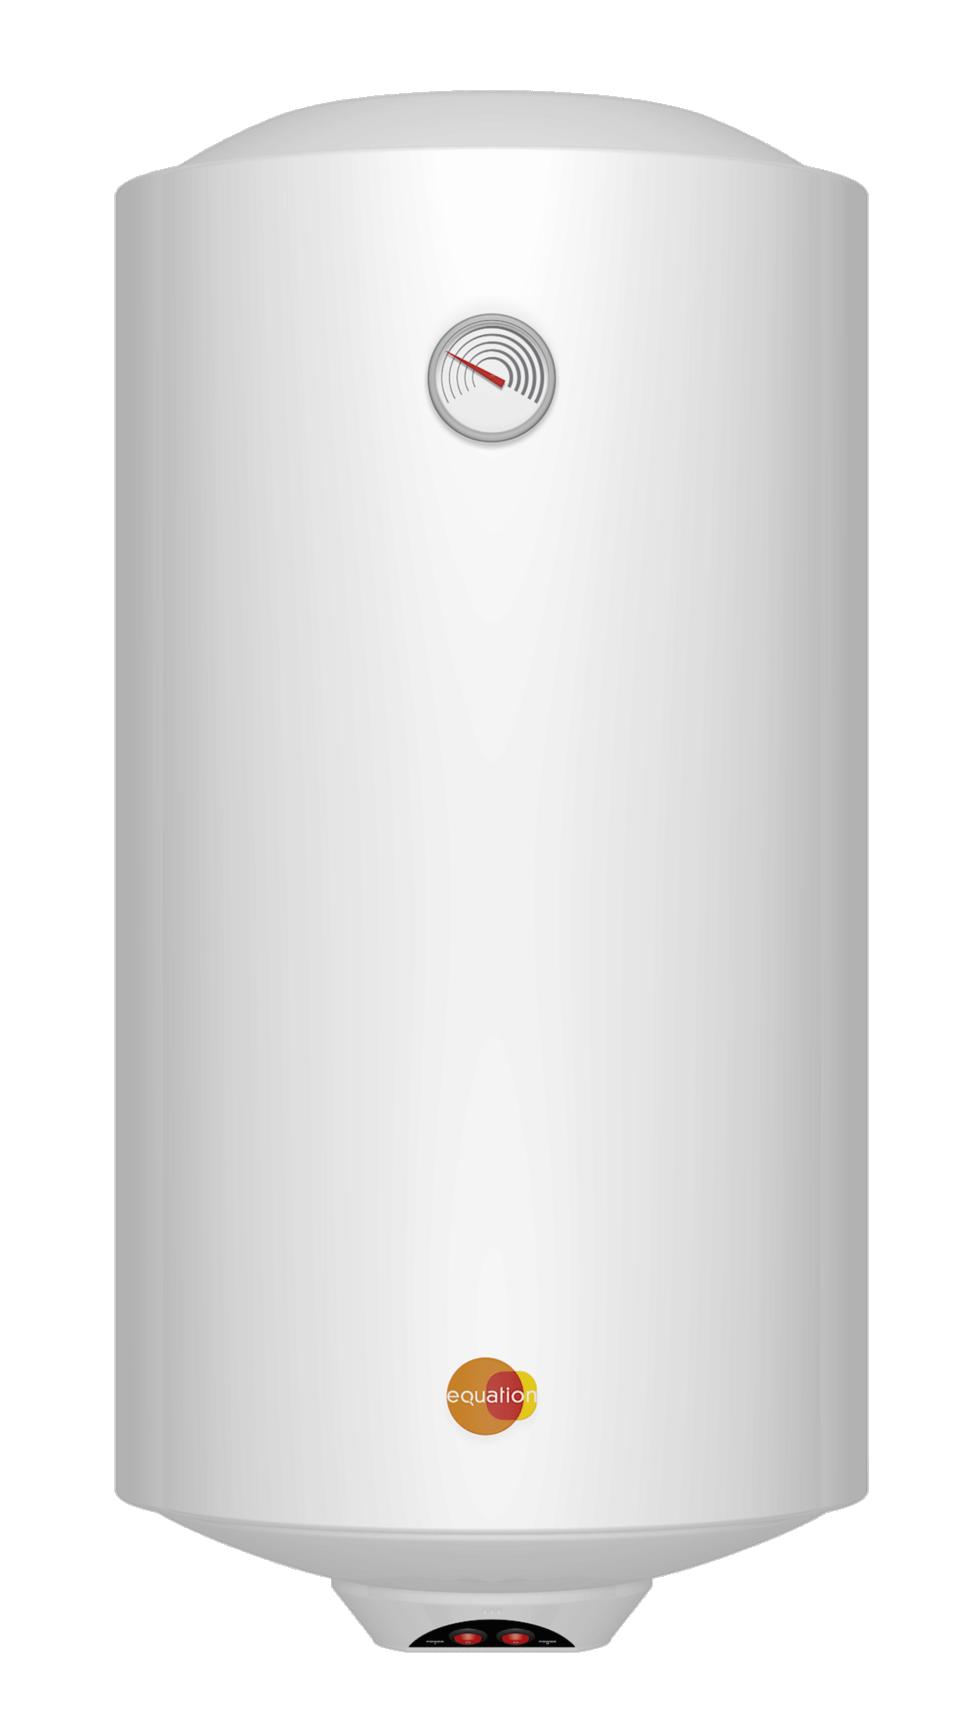 Электроводонагреватель накопительный Equation Inox вертикальный, 100 л, нержавеющая сталь